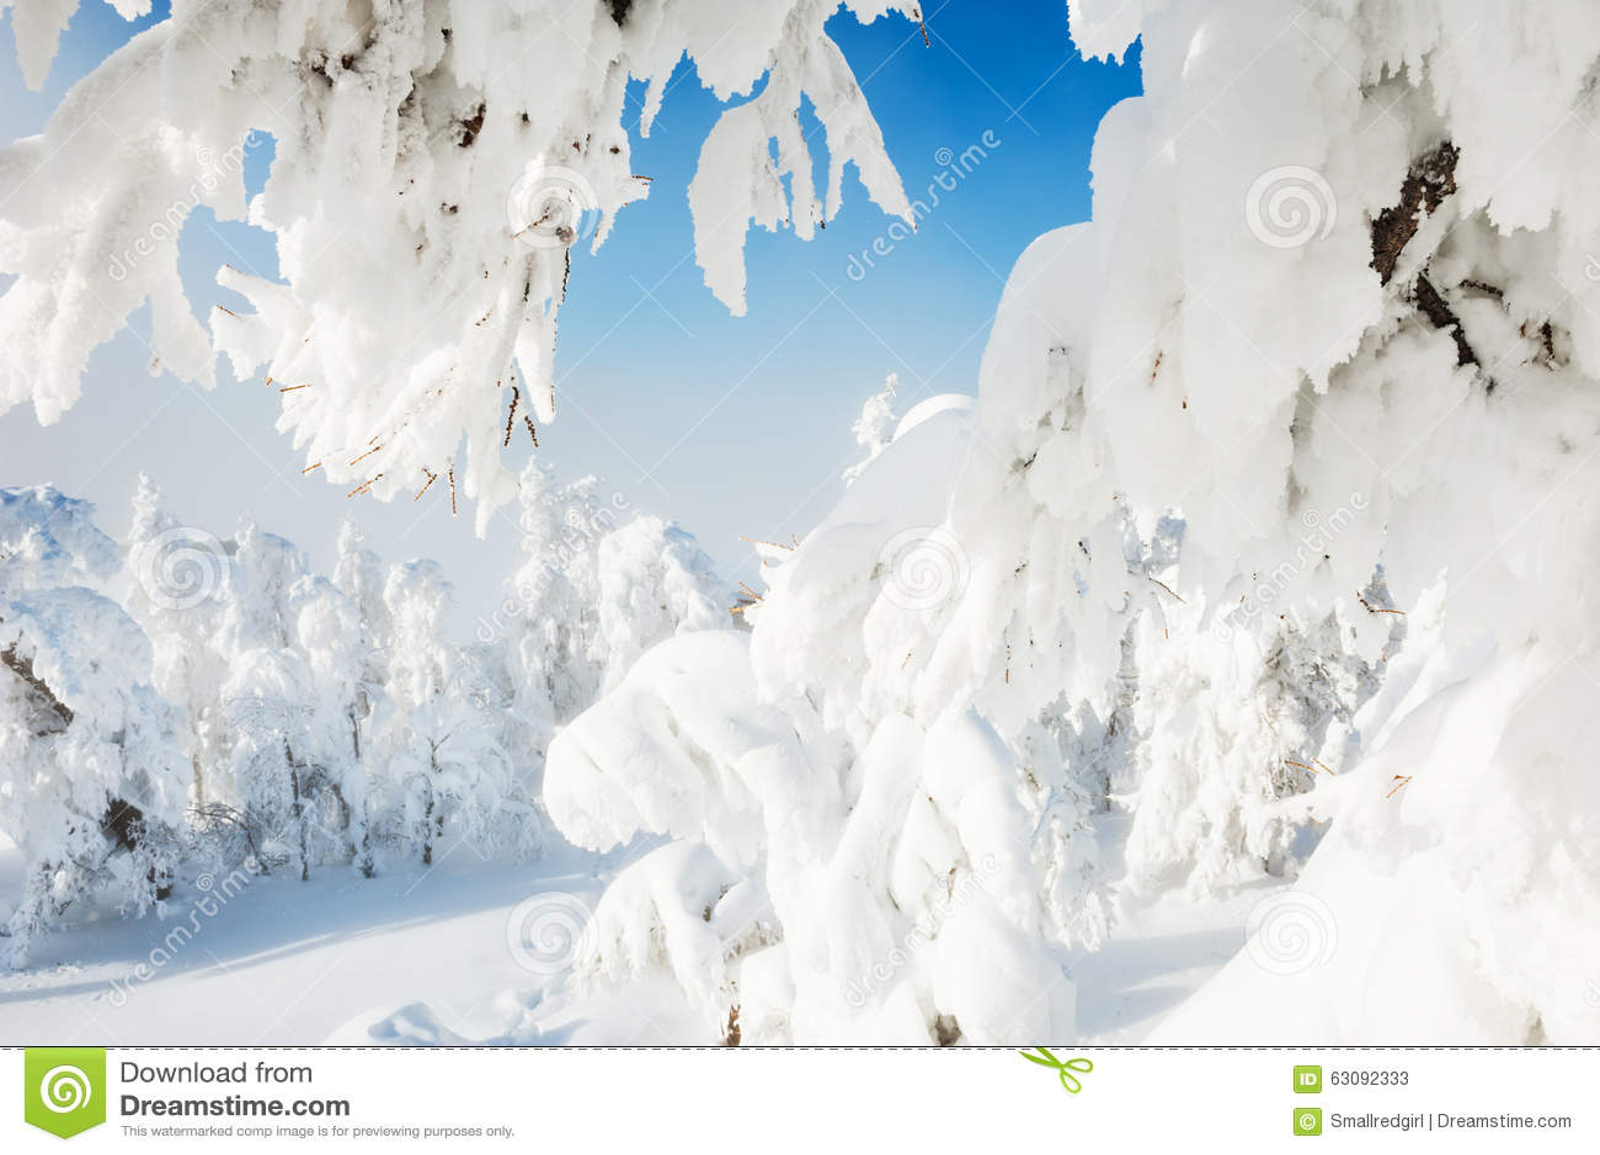 Download Arbres Couverts De Neige Dans La Forêt D'hiver Image stock - Image du horizontal, scénique: 63092333